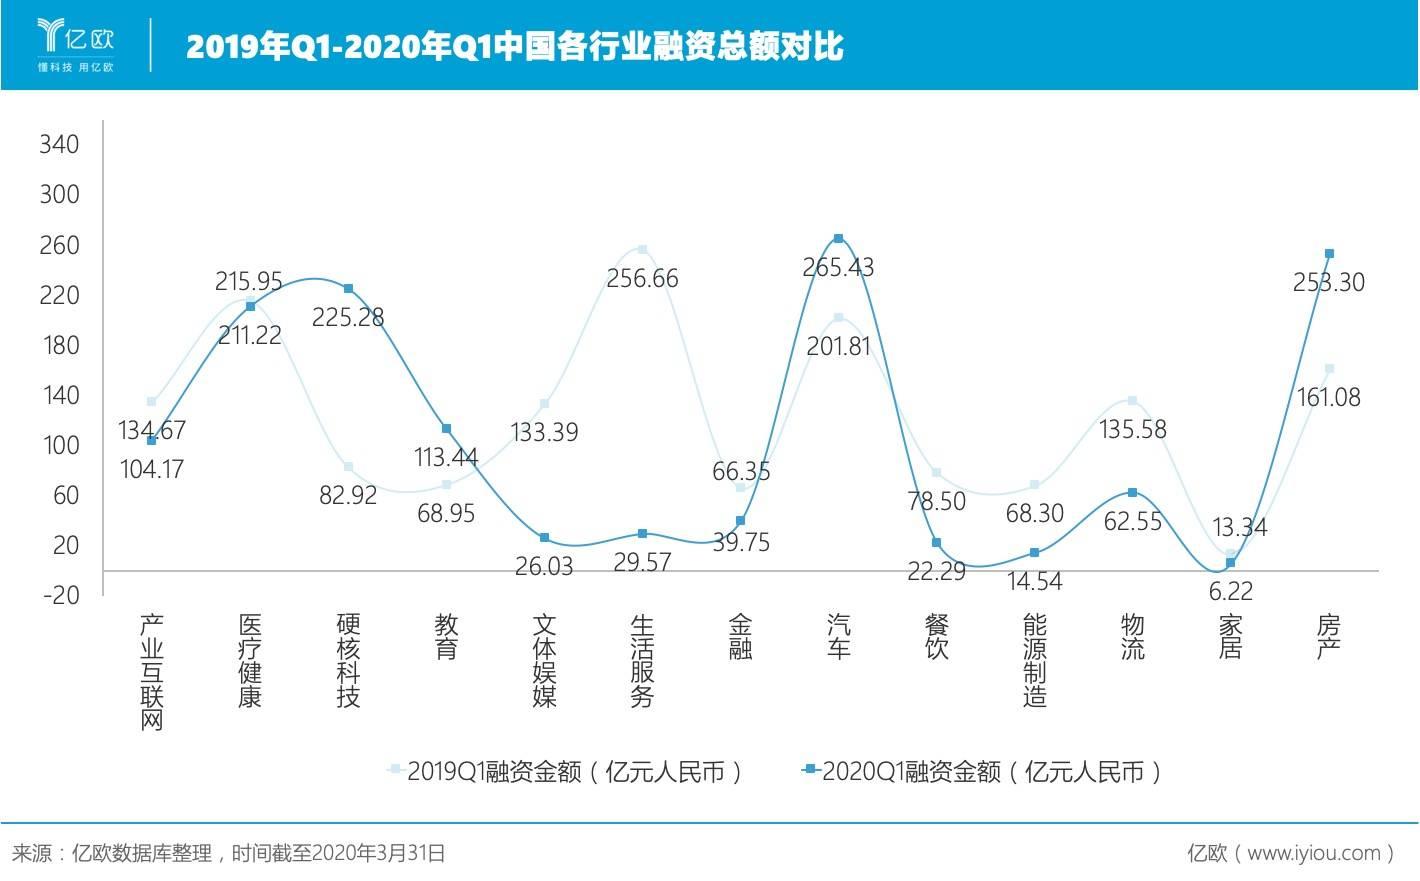 2019年Q1-2020年Q1中国各走业融资总额对比.jpeg